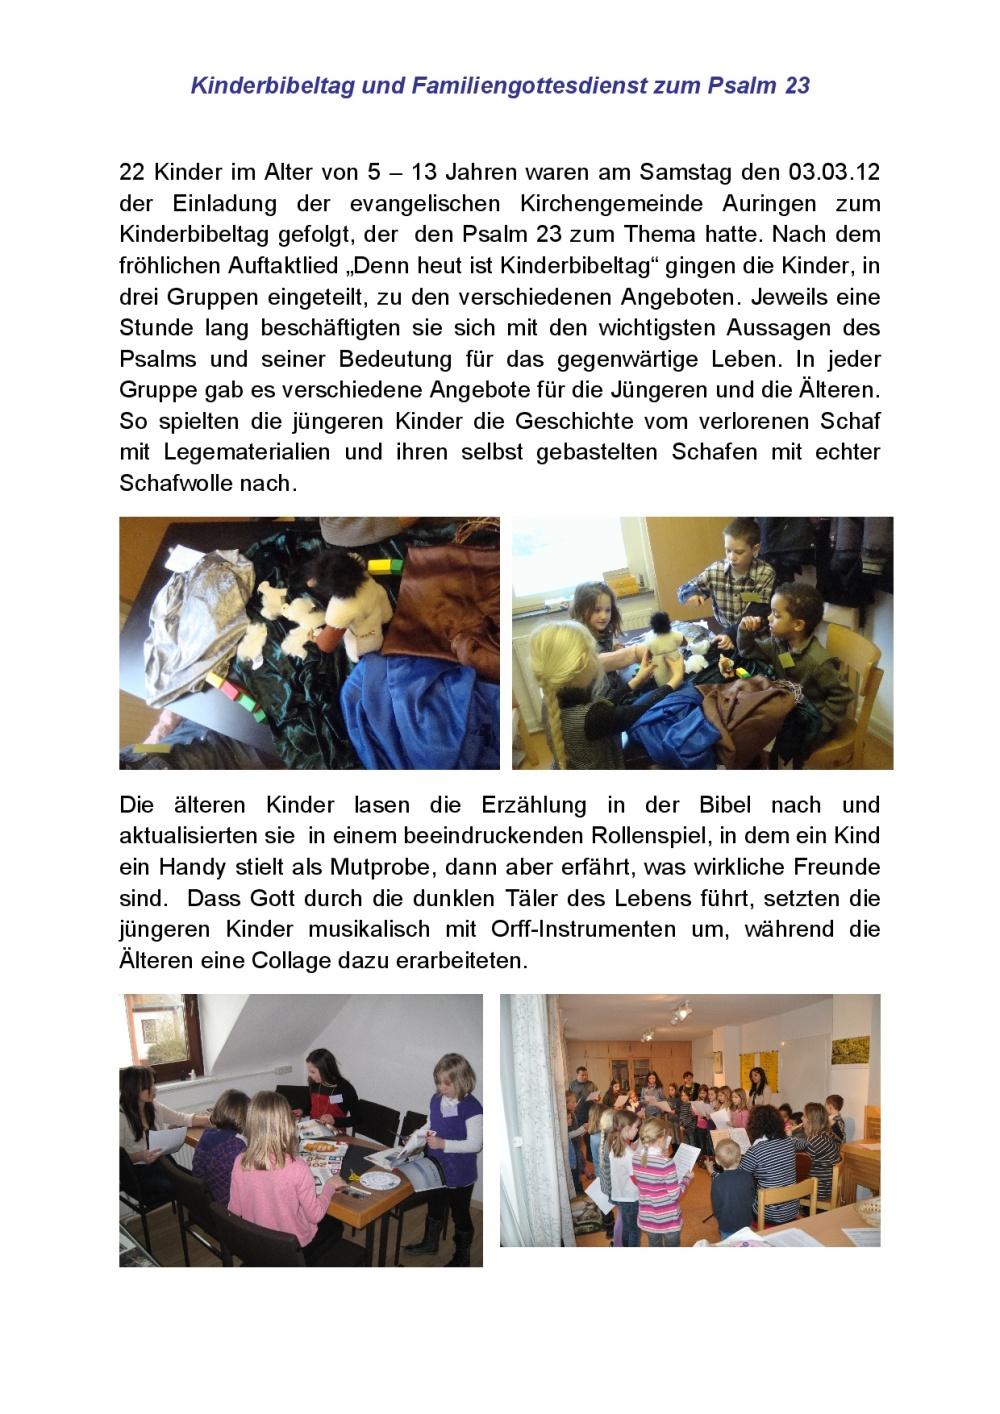 10-Kinderbibeltag und Fam.gd. Ps 23 03.+04.03.12-001